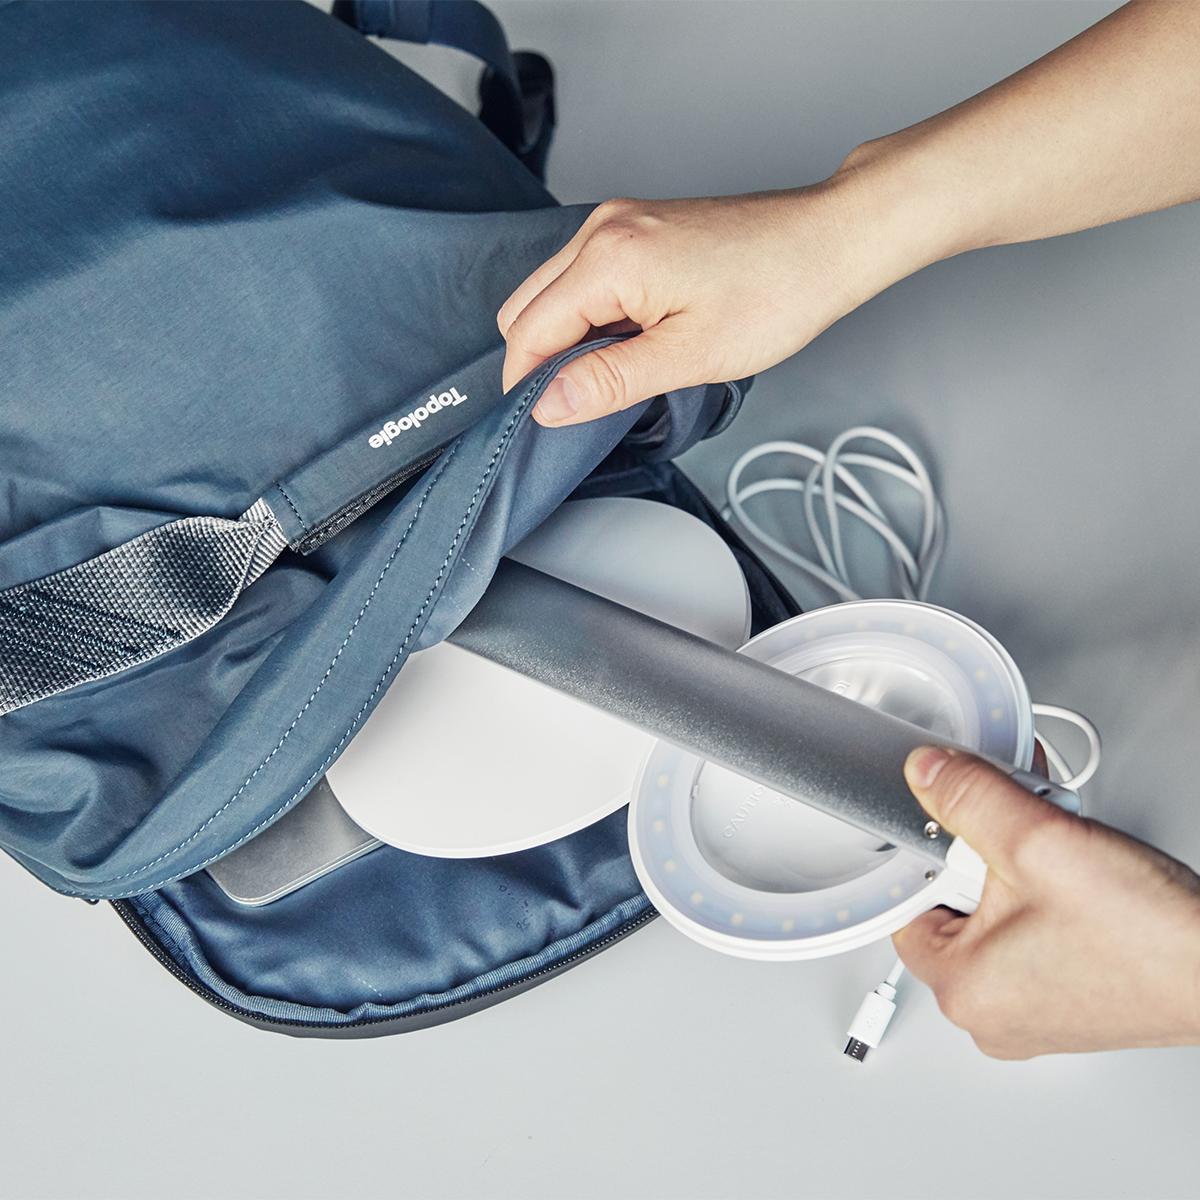 家中どこでも使えて、バッグに入れて持ち歩くこともできる。コードレスで使えて、隙間に収納できる!手元を大きく・明るく照らすルーペ付き太陽光LEDの「デスクライト」|daylight - Halo Go